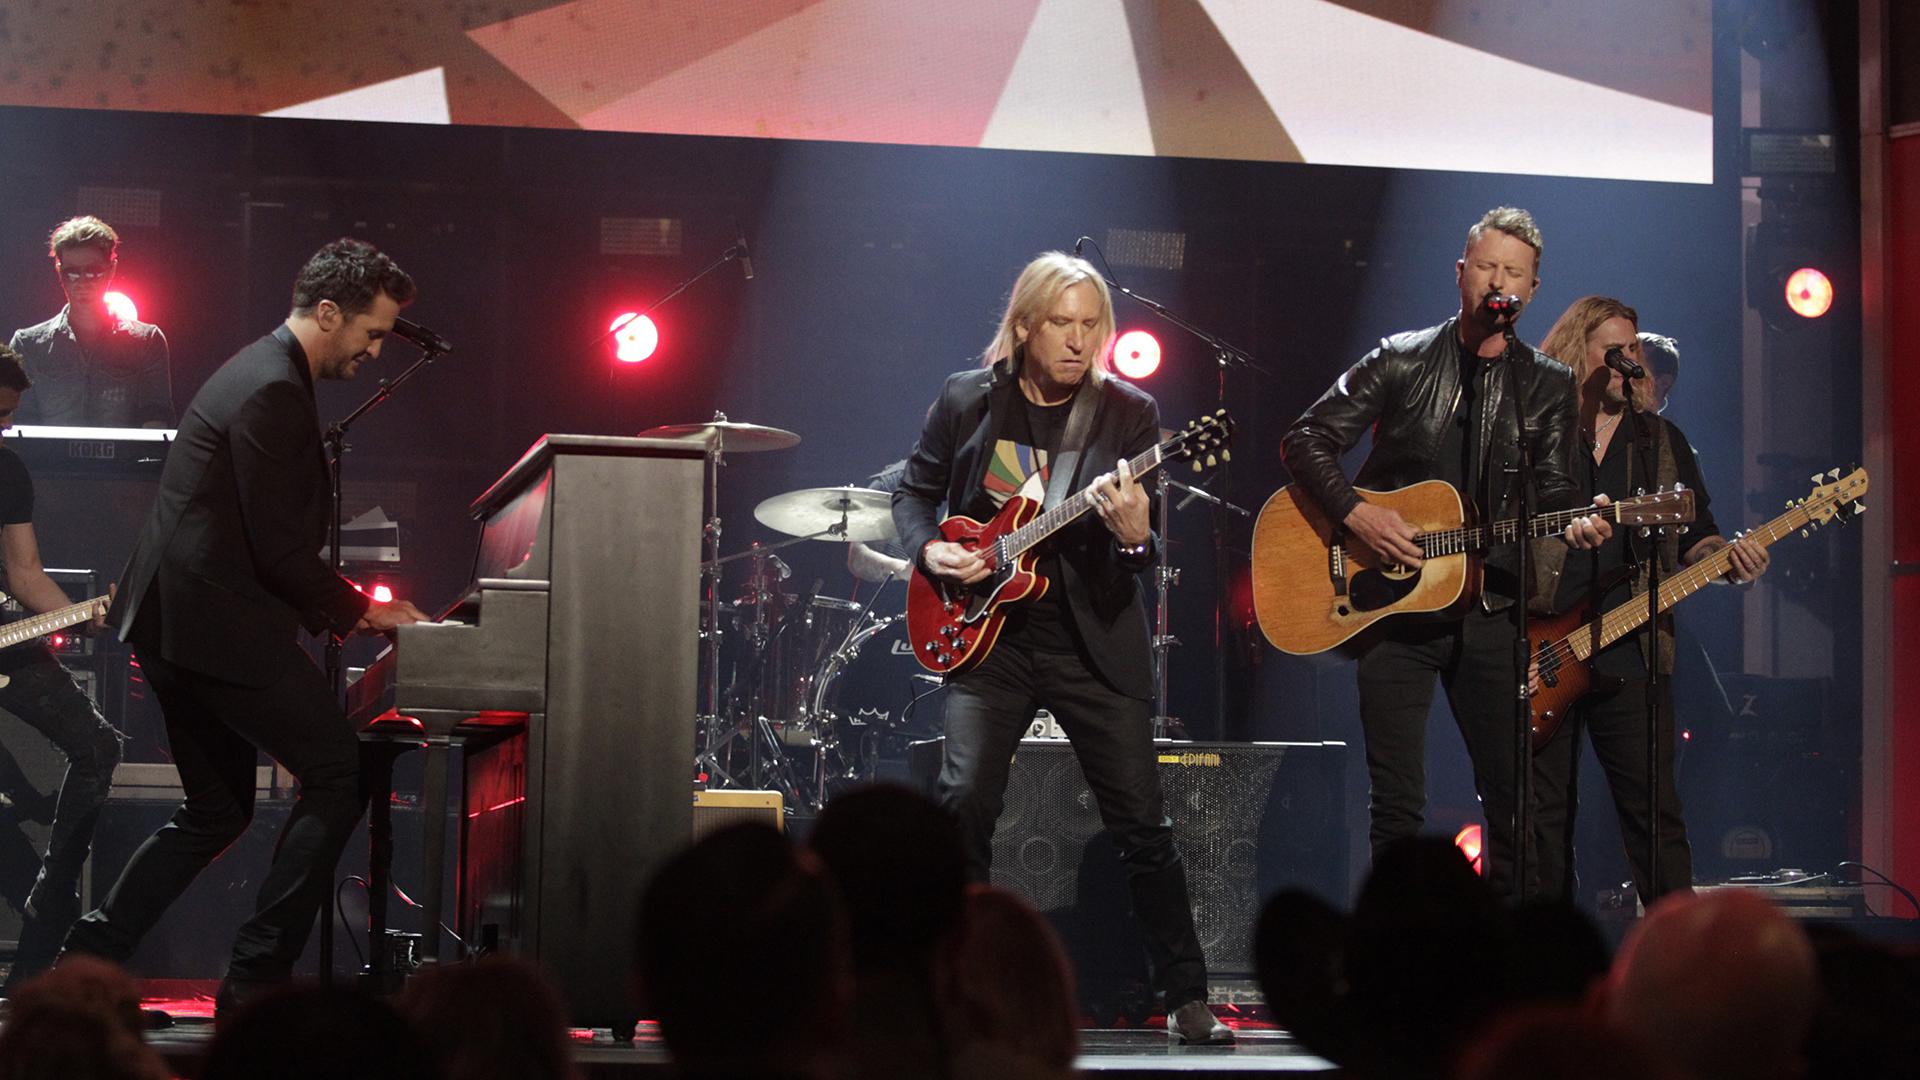 Joe Walsh, Dierks Bentley, and Luke Bryan perform